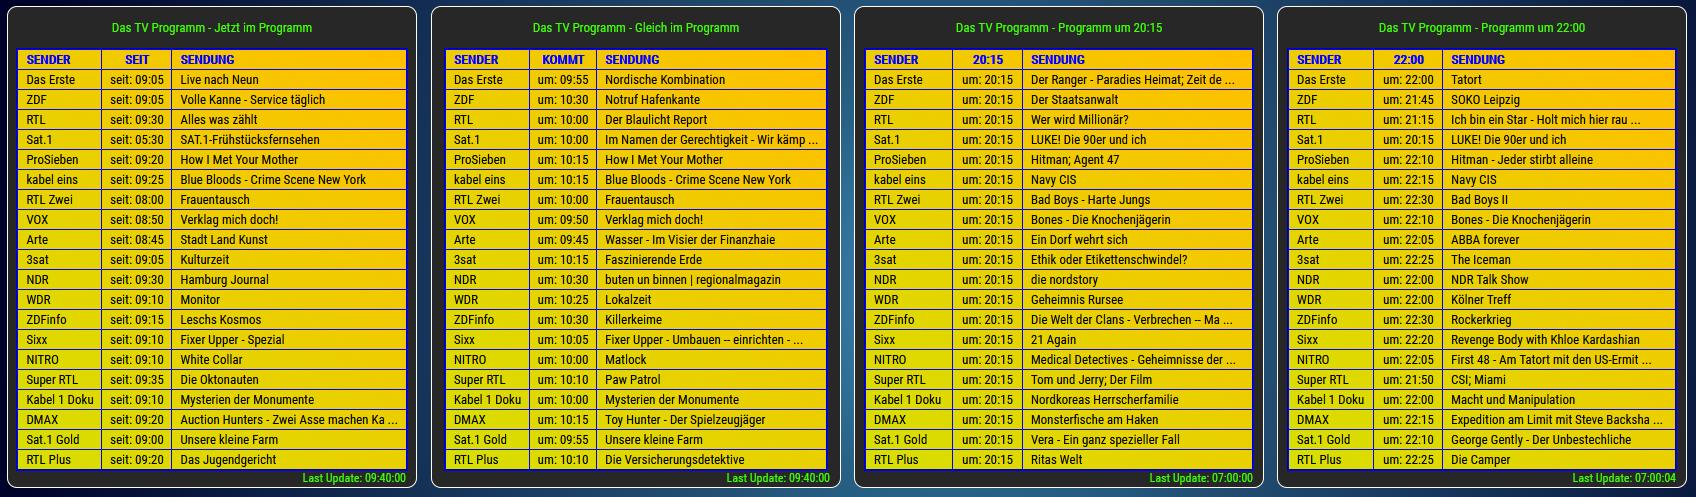 Tv programm gleich